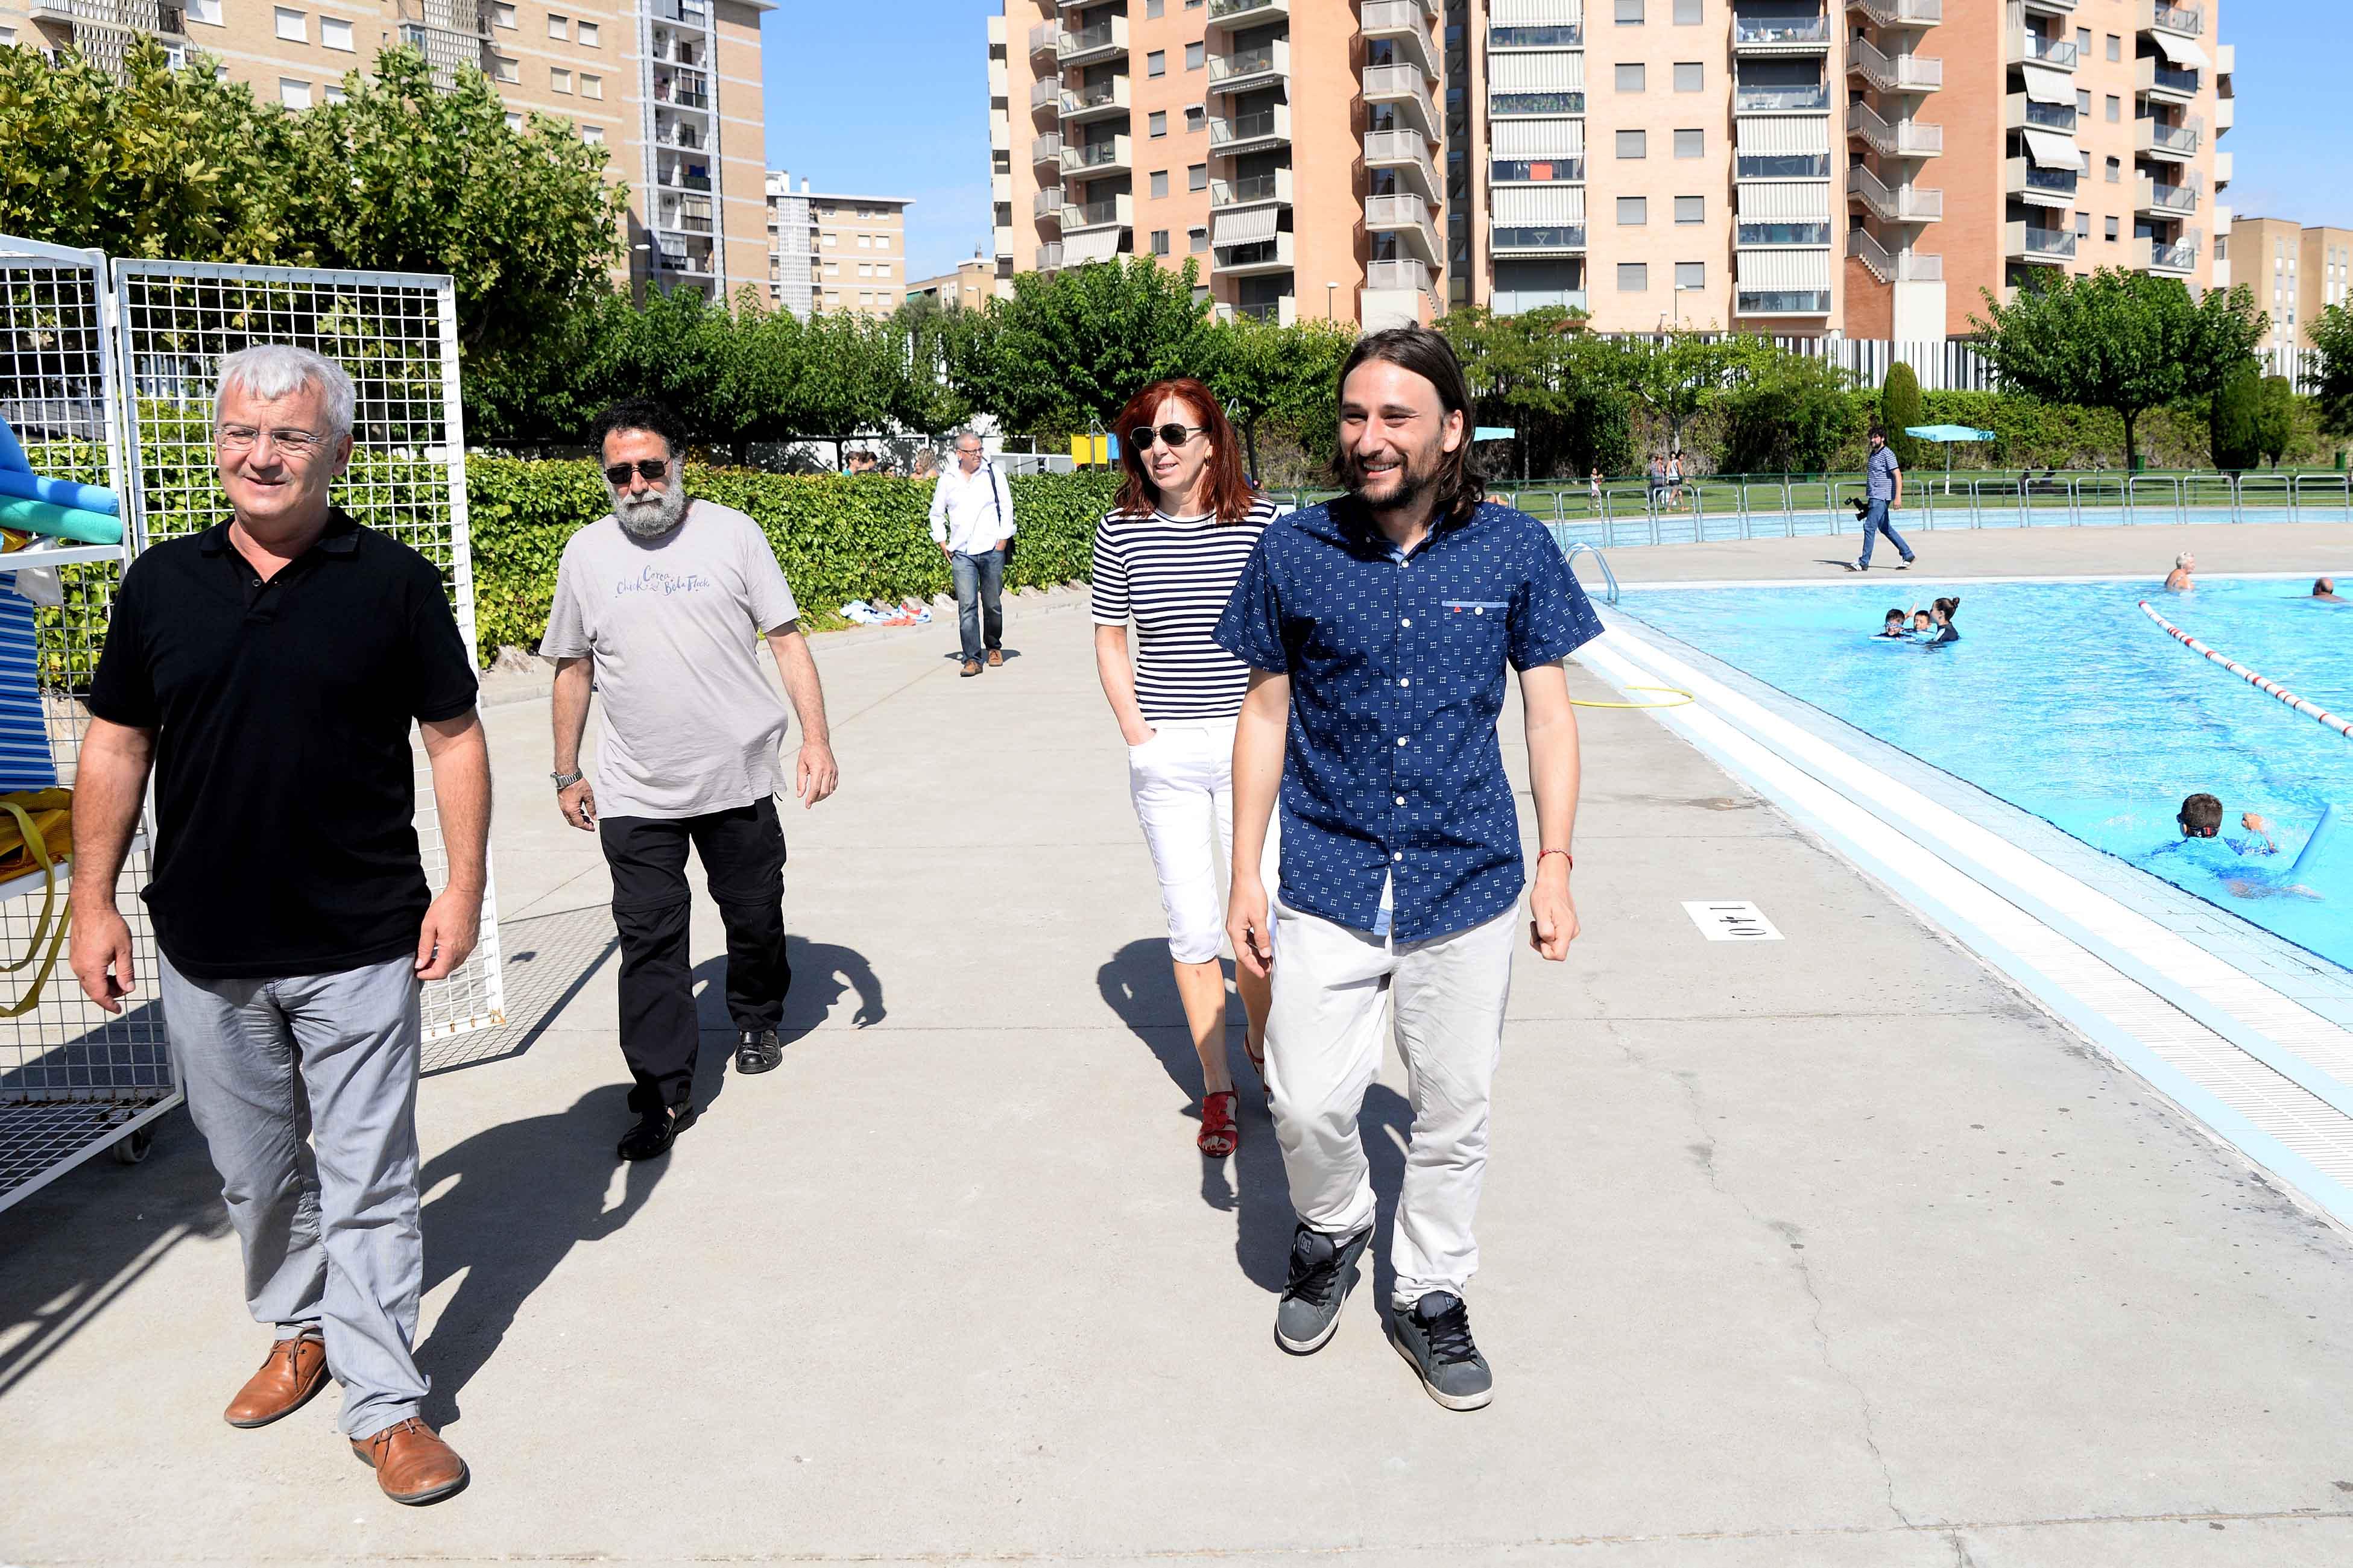 Ayuntamiento de zaragoza noticias los usos de las piscinas municipales de zaragoza aumentan un - Piscinas municipales zaragoza ...